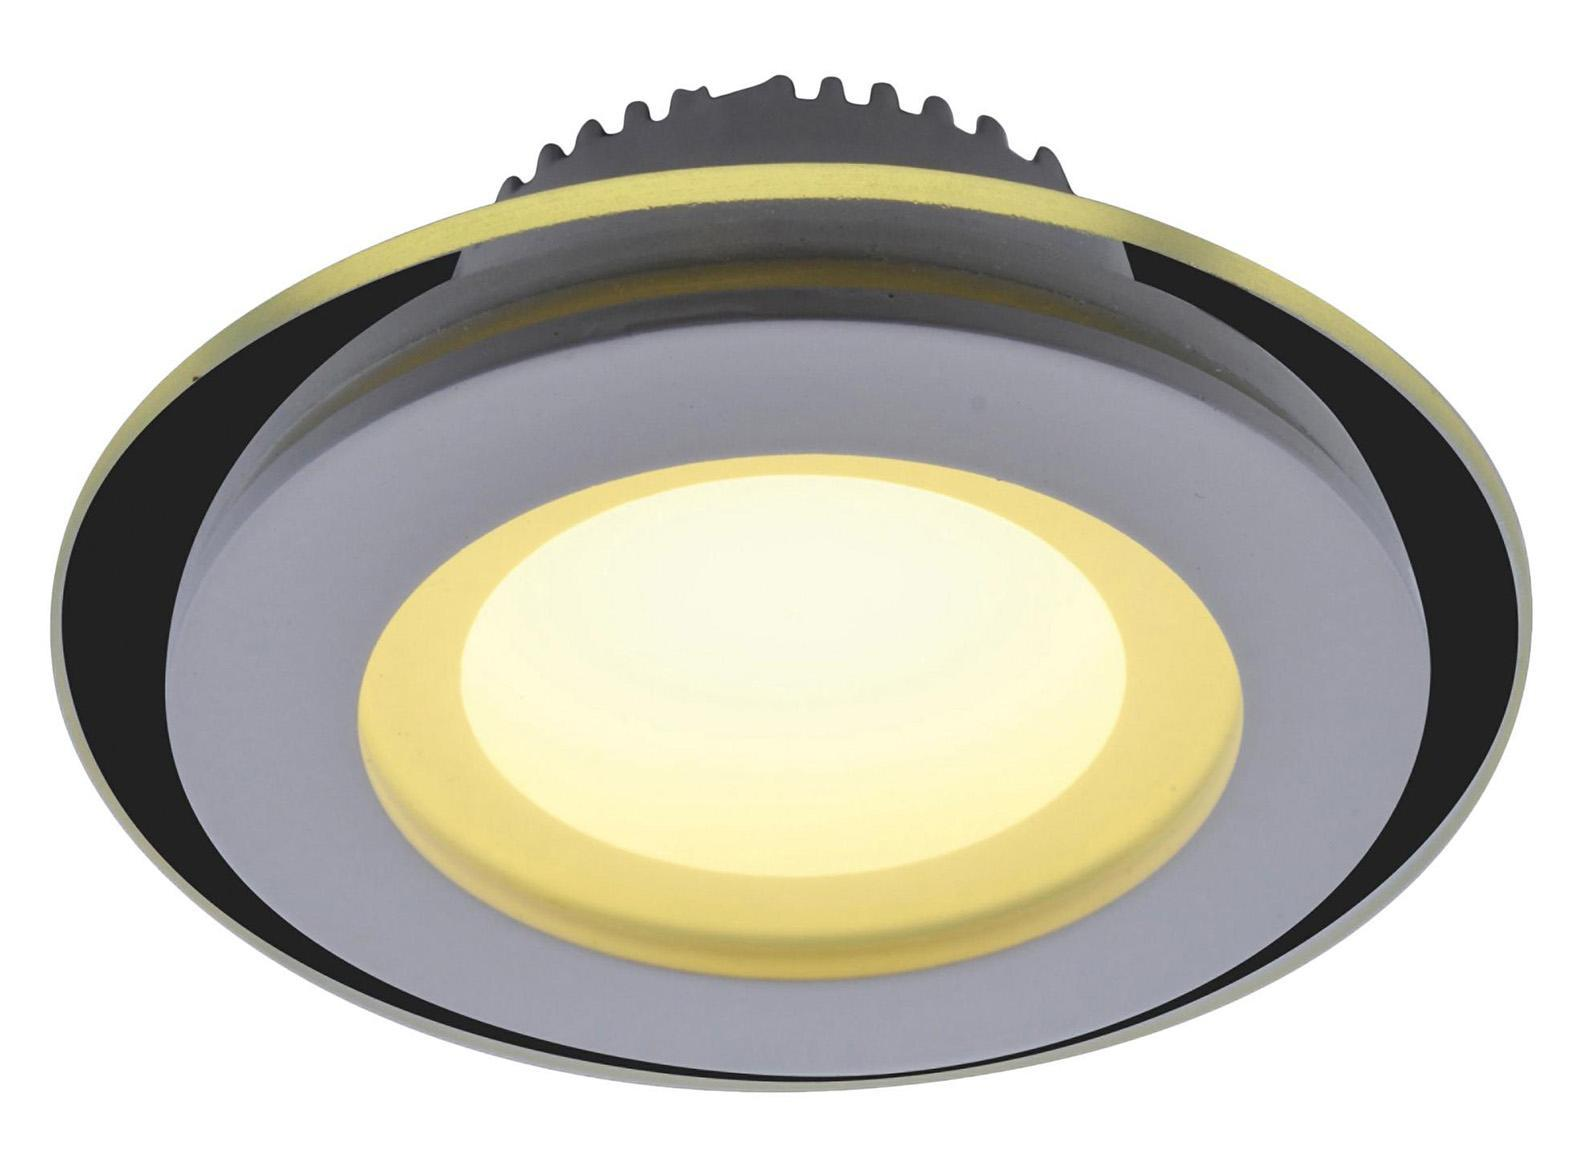 Светильник встраиваемый Arte lamp A4106pl-1wh встраиваемый светильник arte lamp cielo a7314pl 1wh